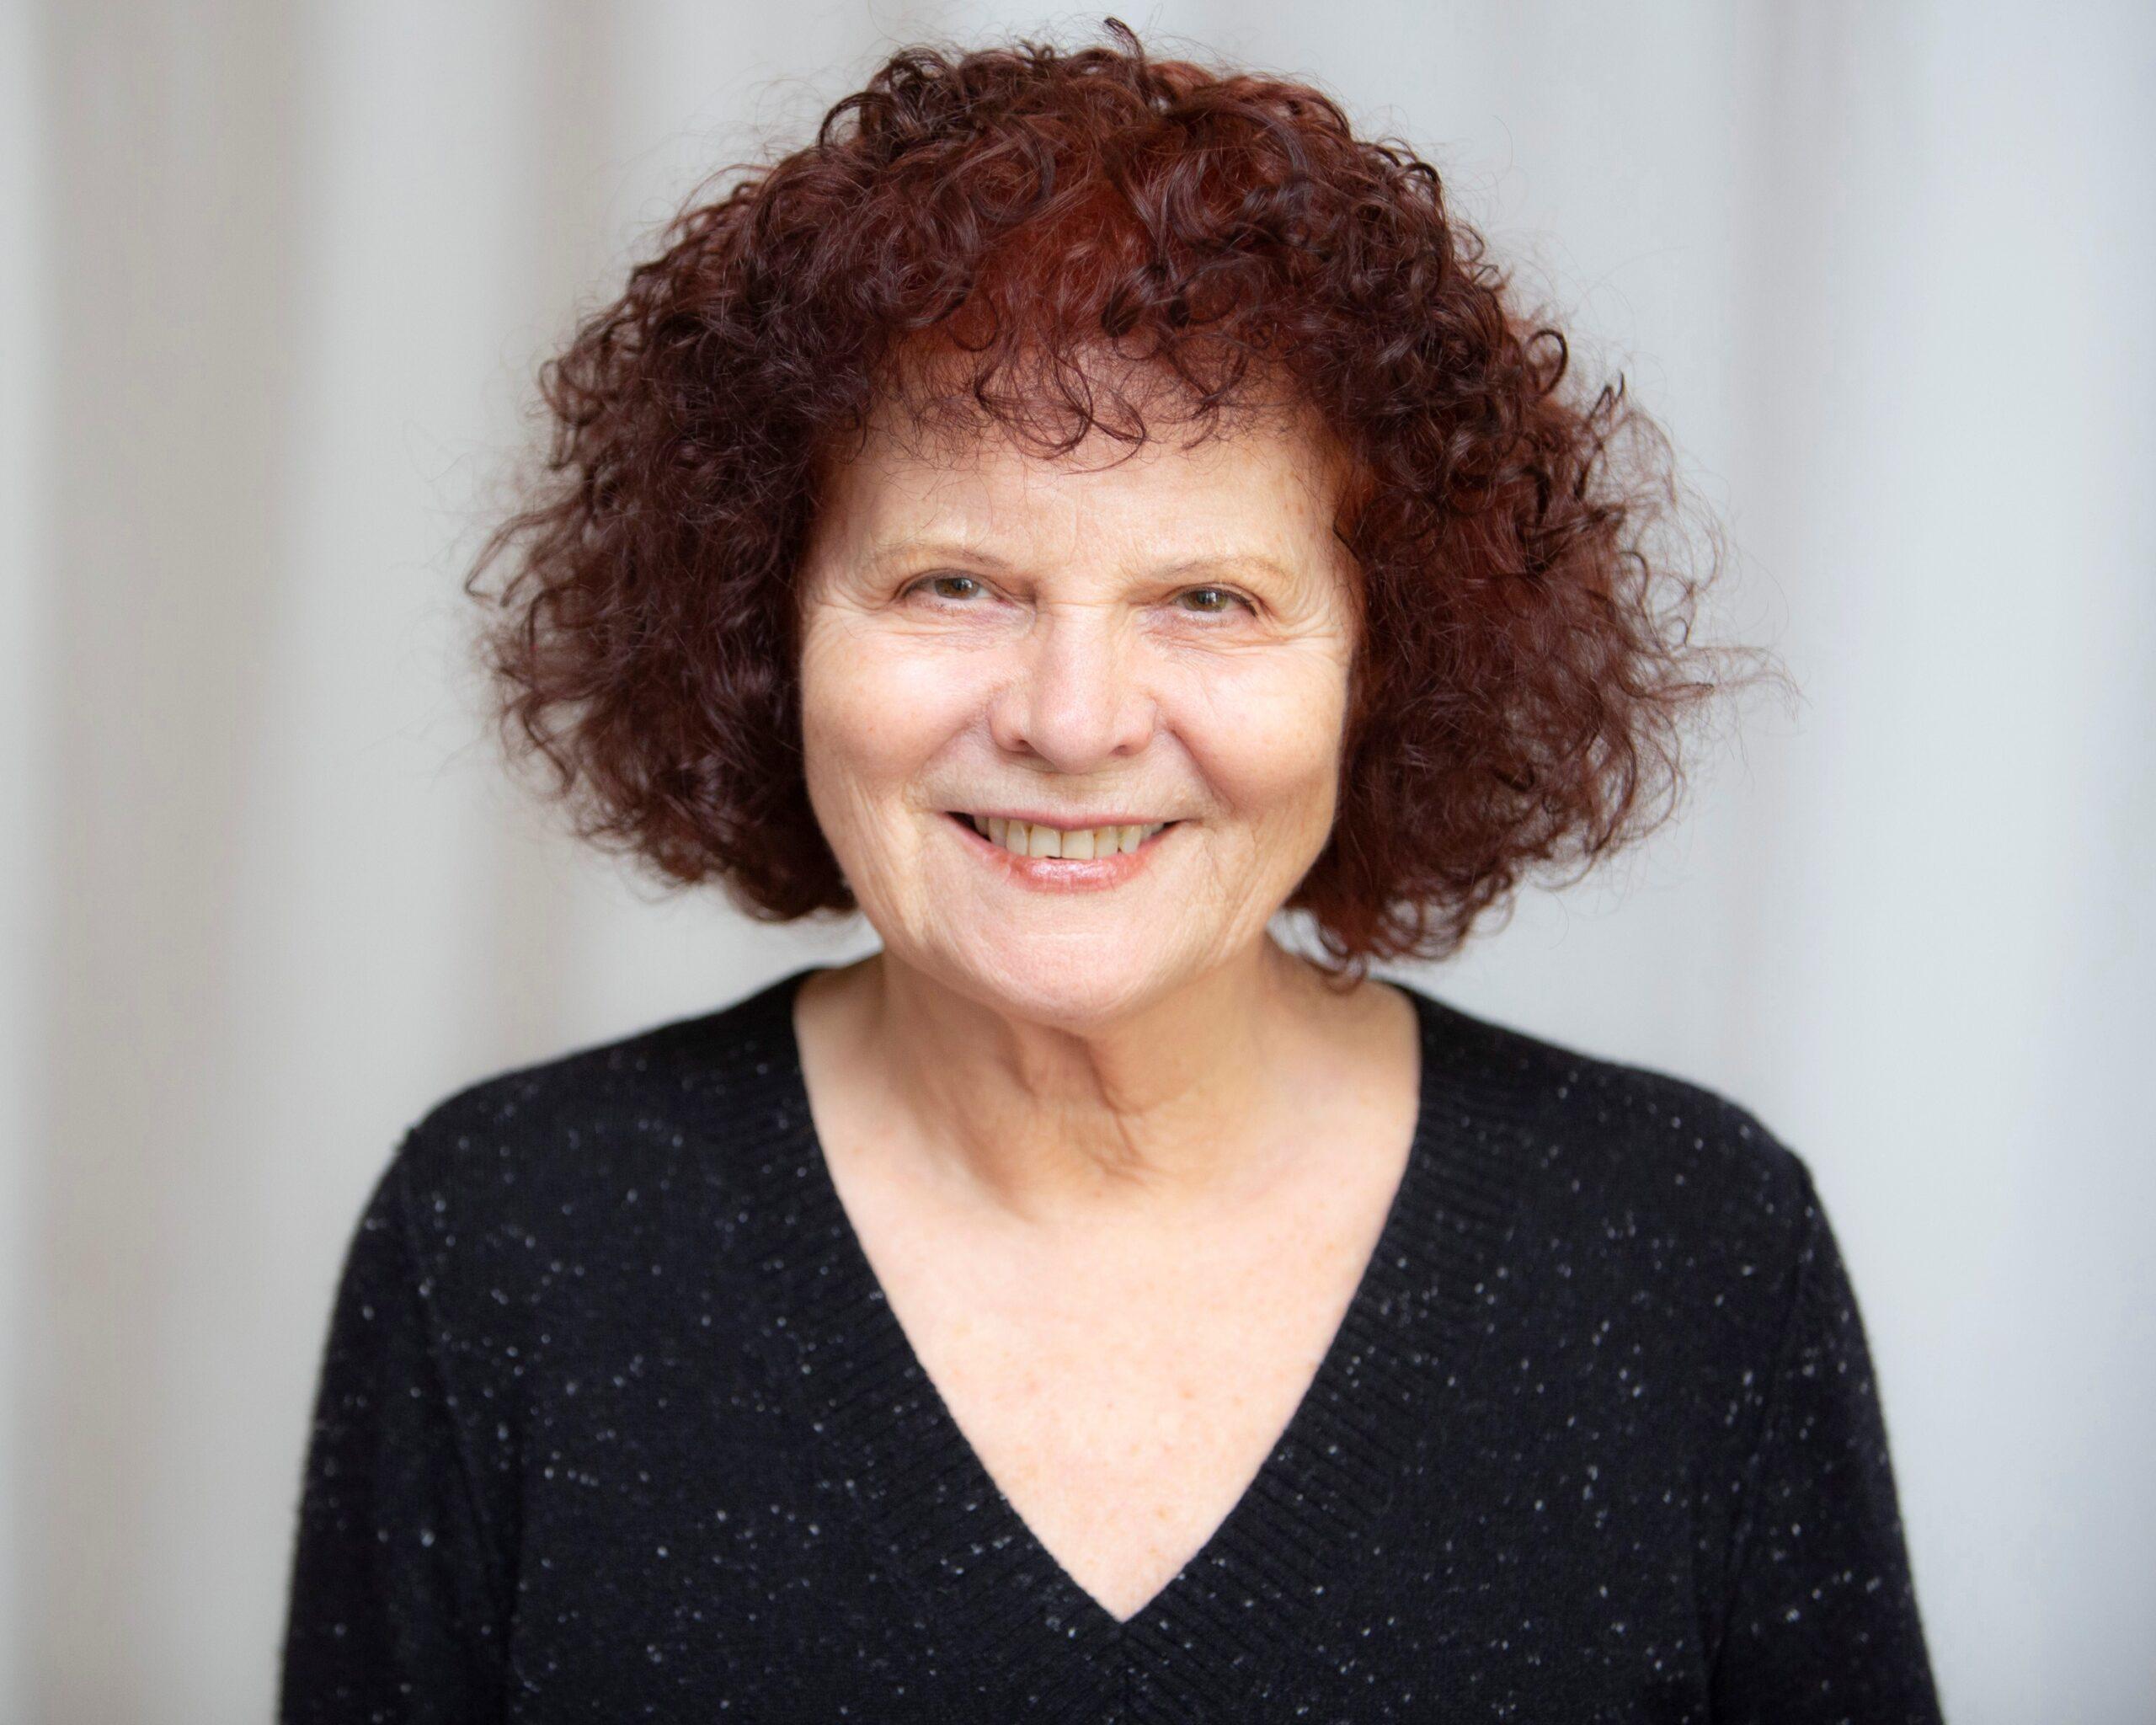 Profile picture of Elisa Leonelli